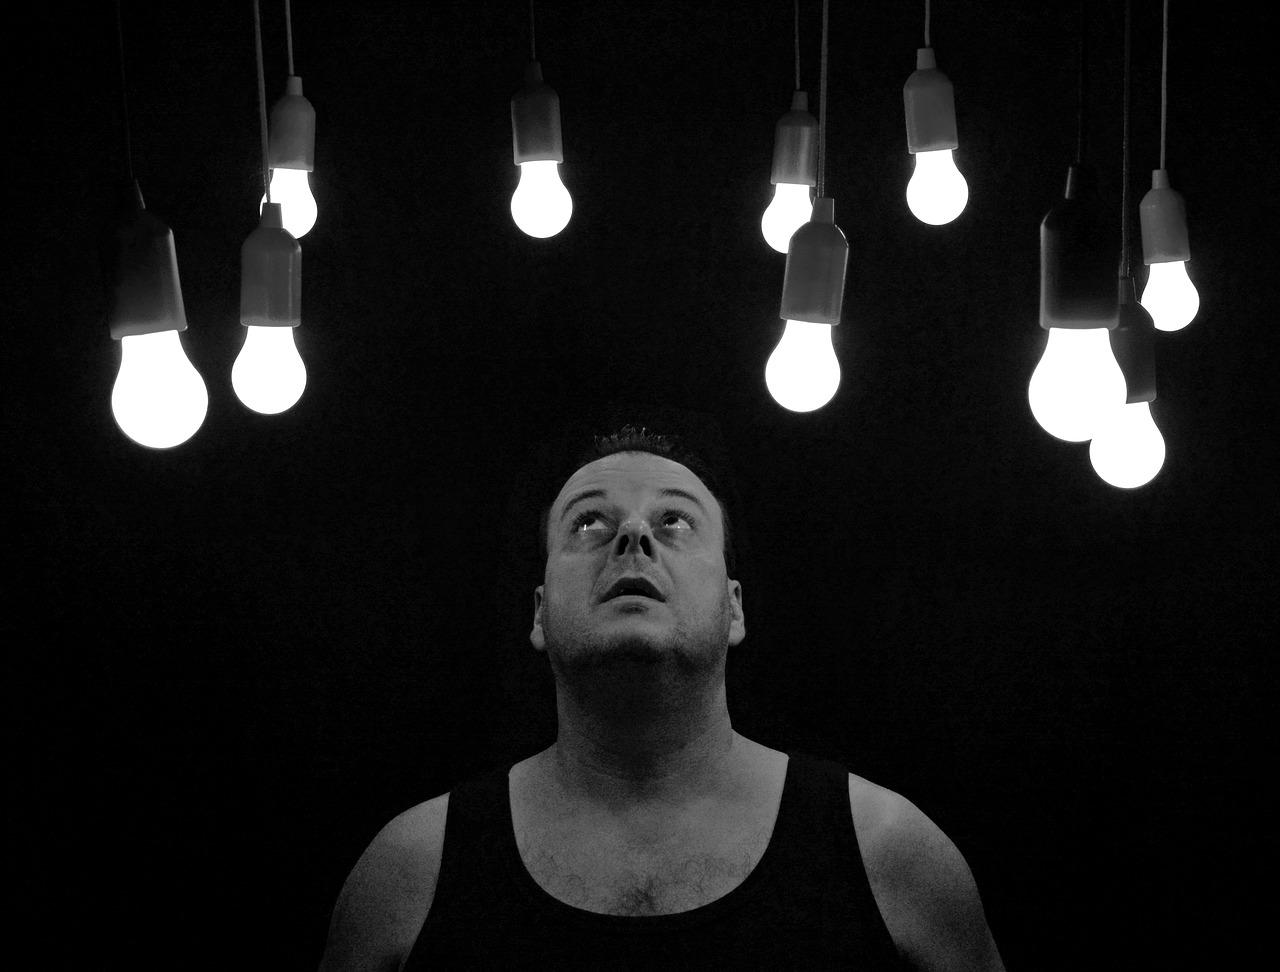 light-bulbs-1765053_1280